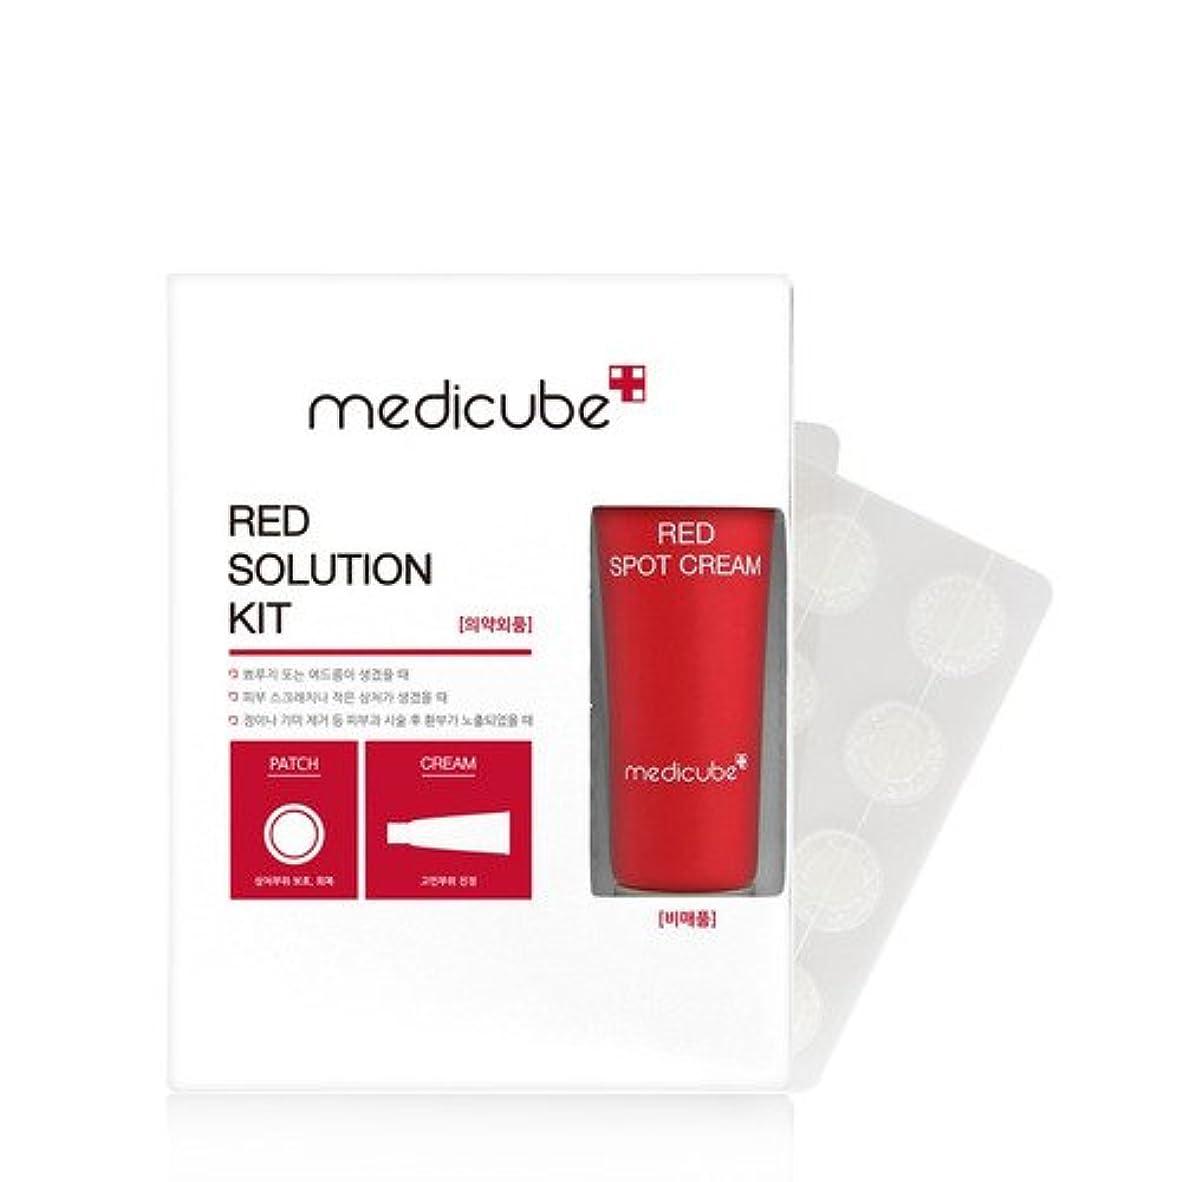 クリア脚本重々しい[Medicube]Red Solution Kit(Clear spot patch) 12mm x 2 / メディキューブレッドソリューションキット 12mm x 24pcs / 正品?海外直送商品 [並行輸入品]